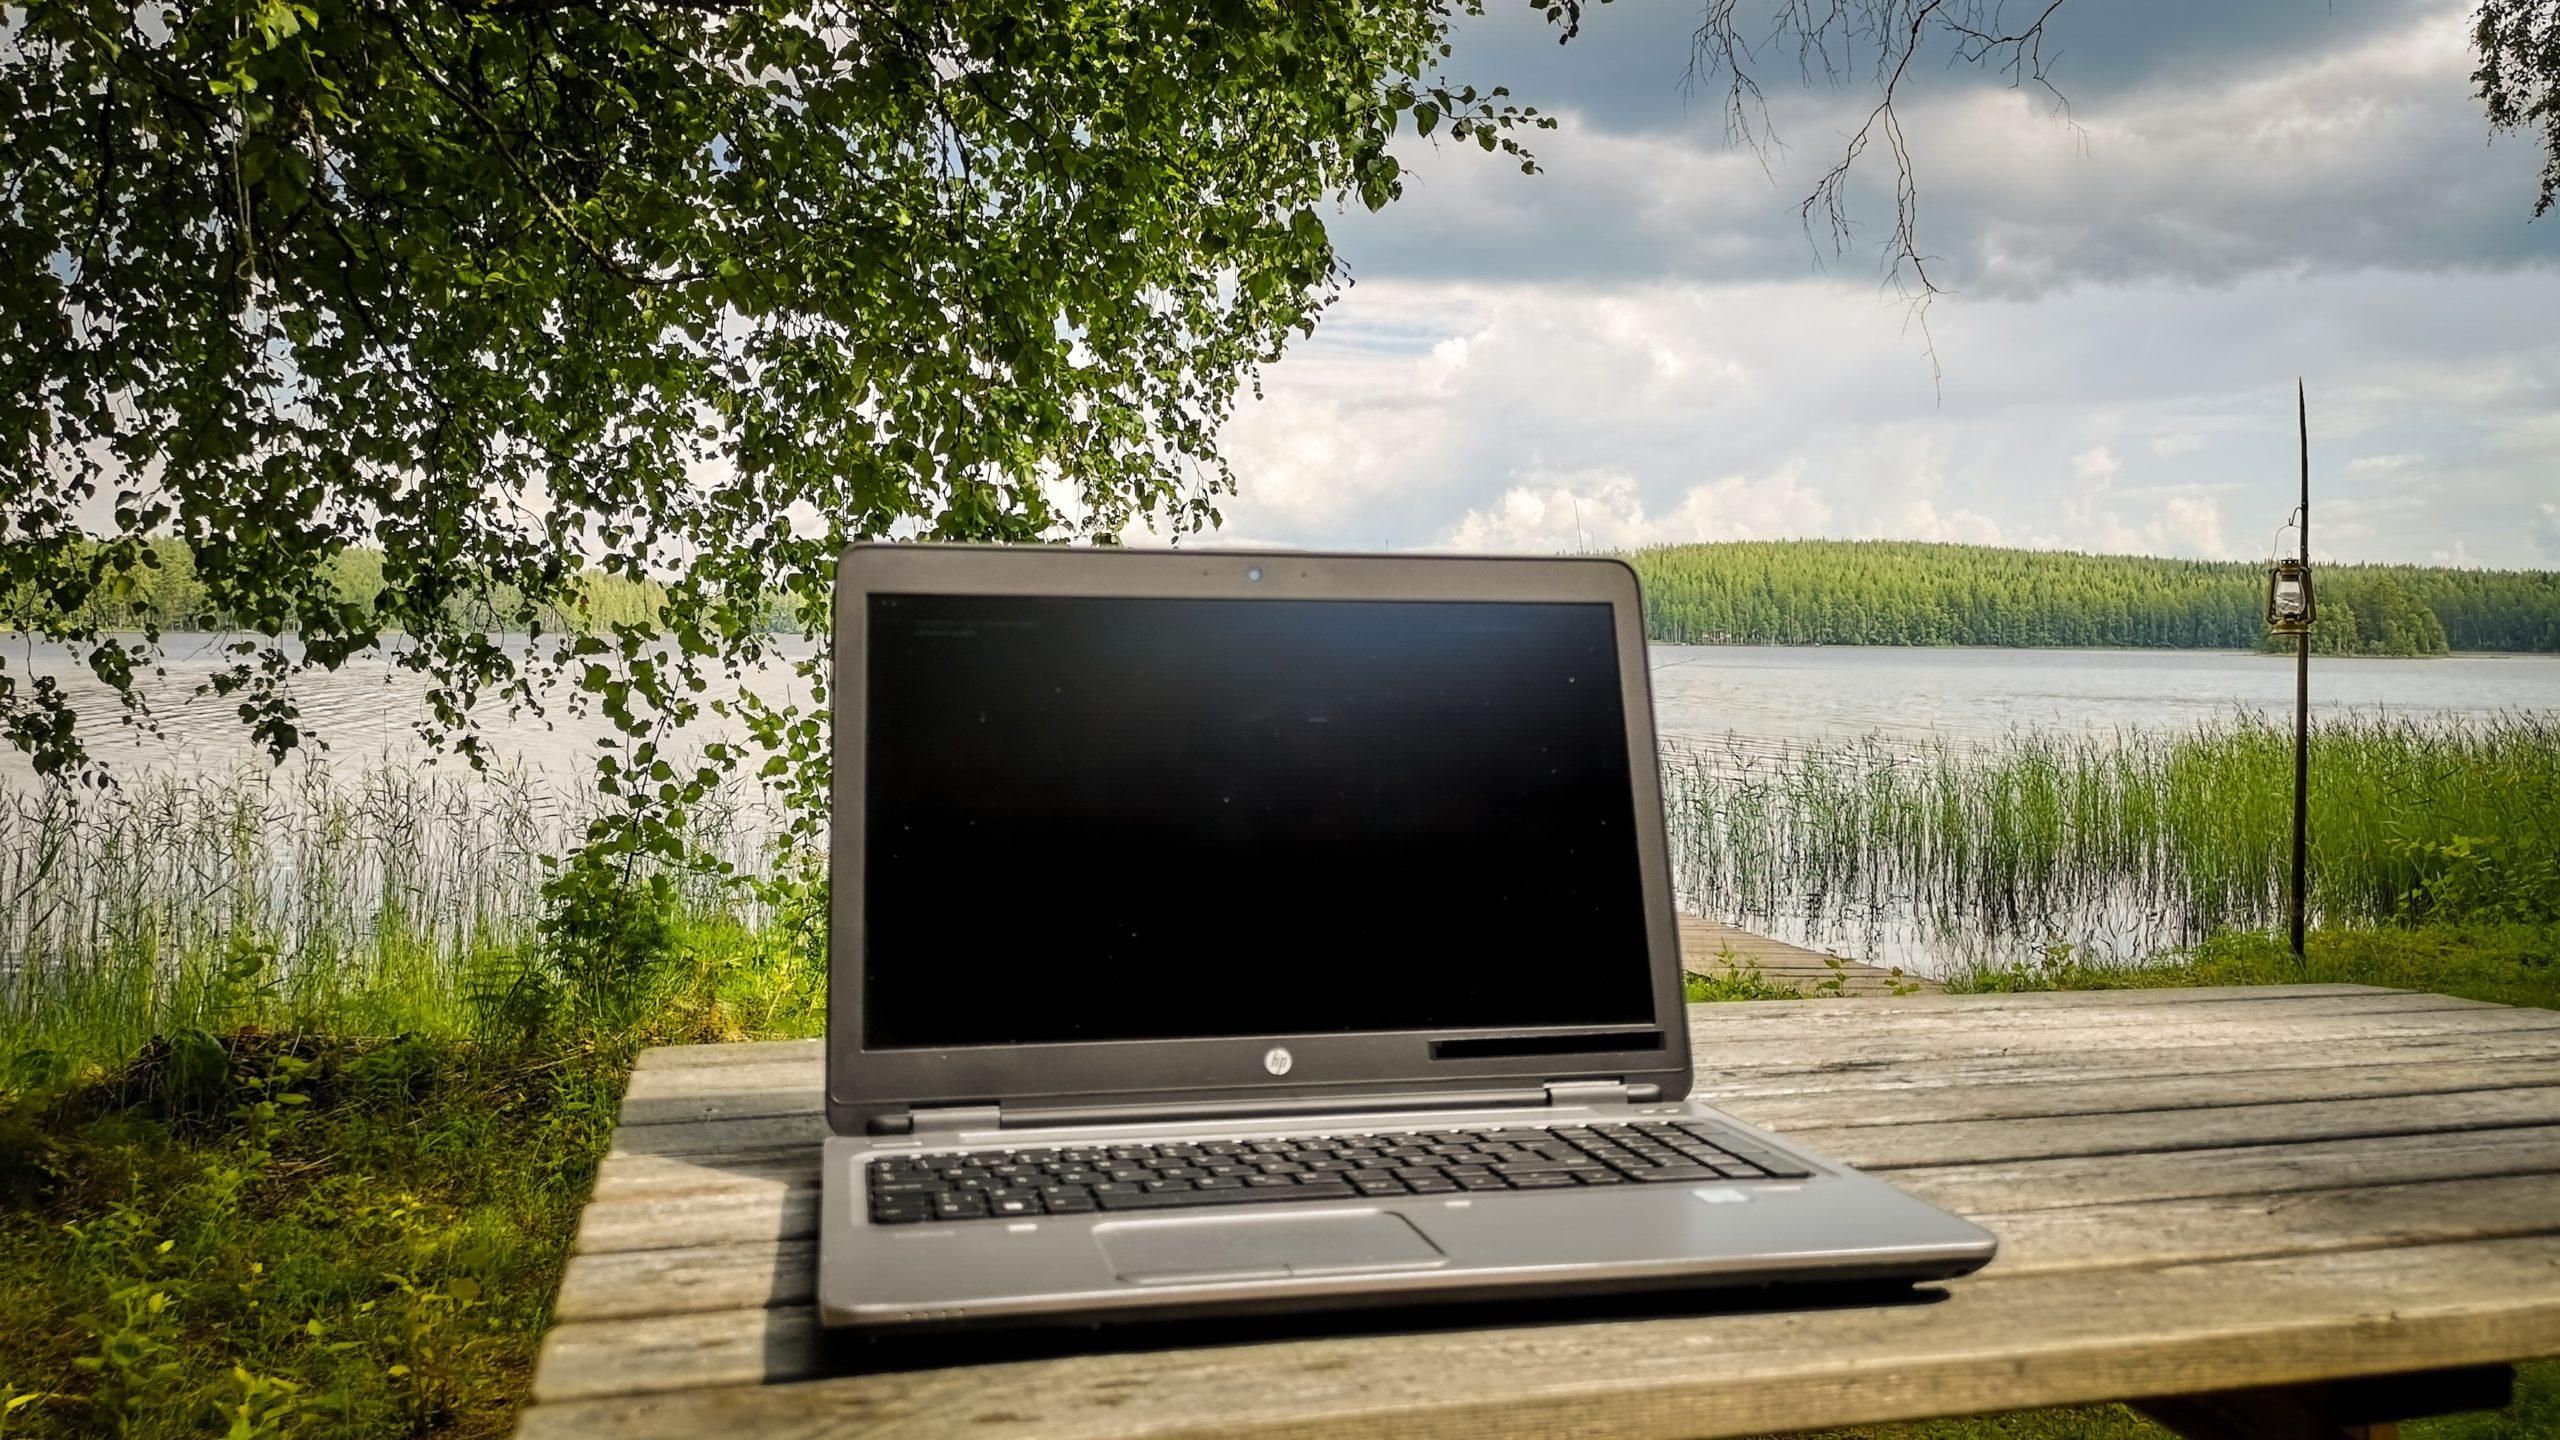 tietokone pöydällä järvimaisemassa